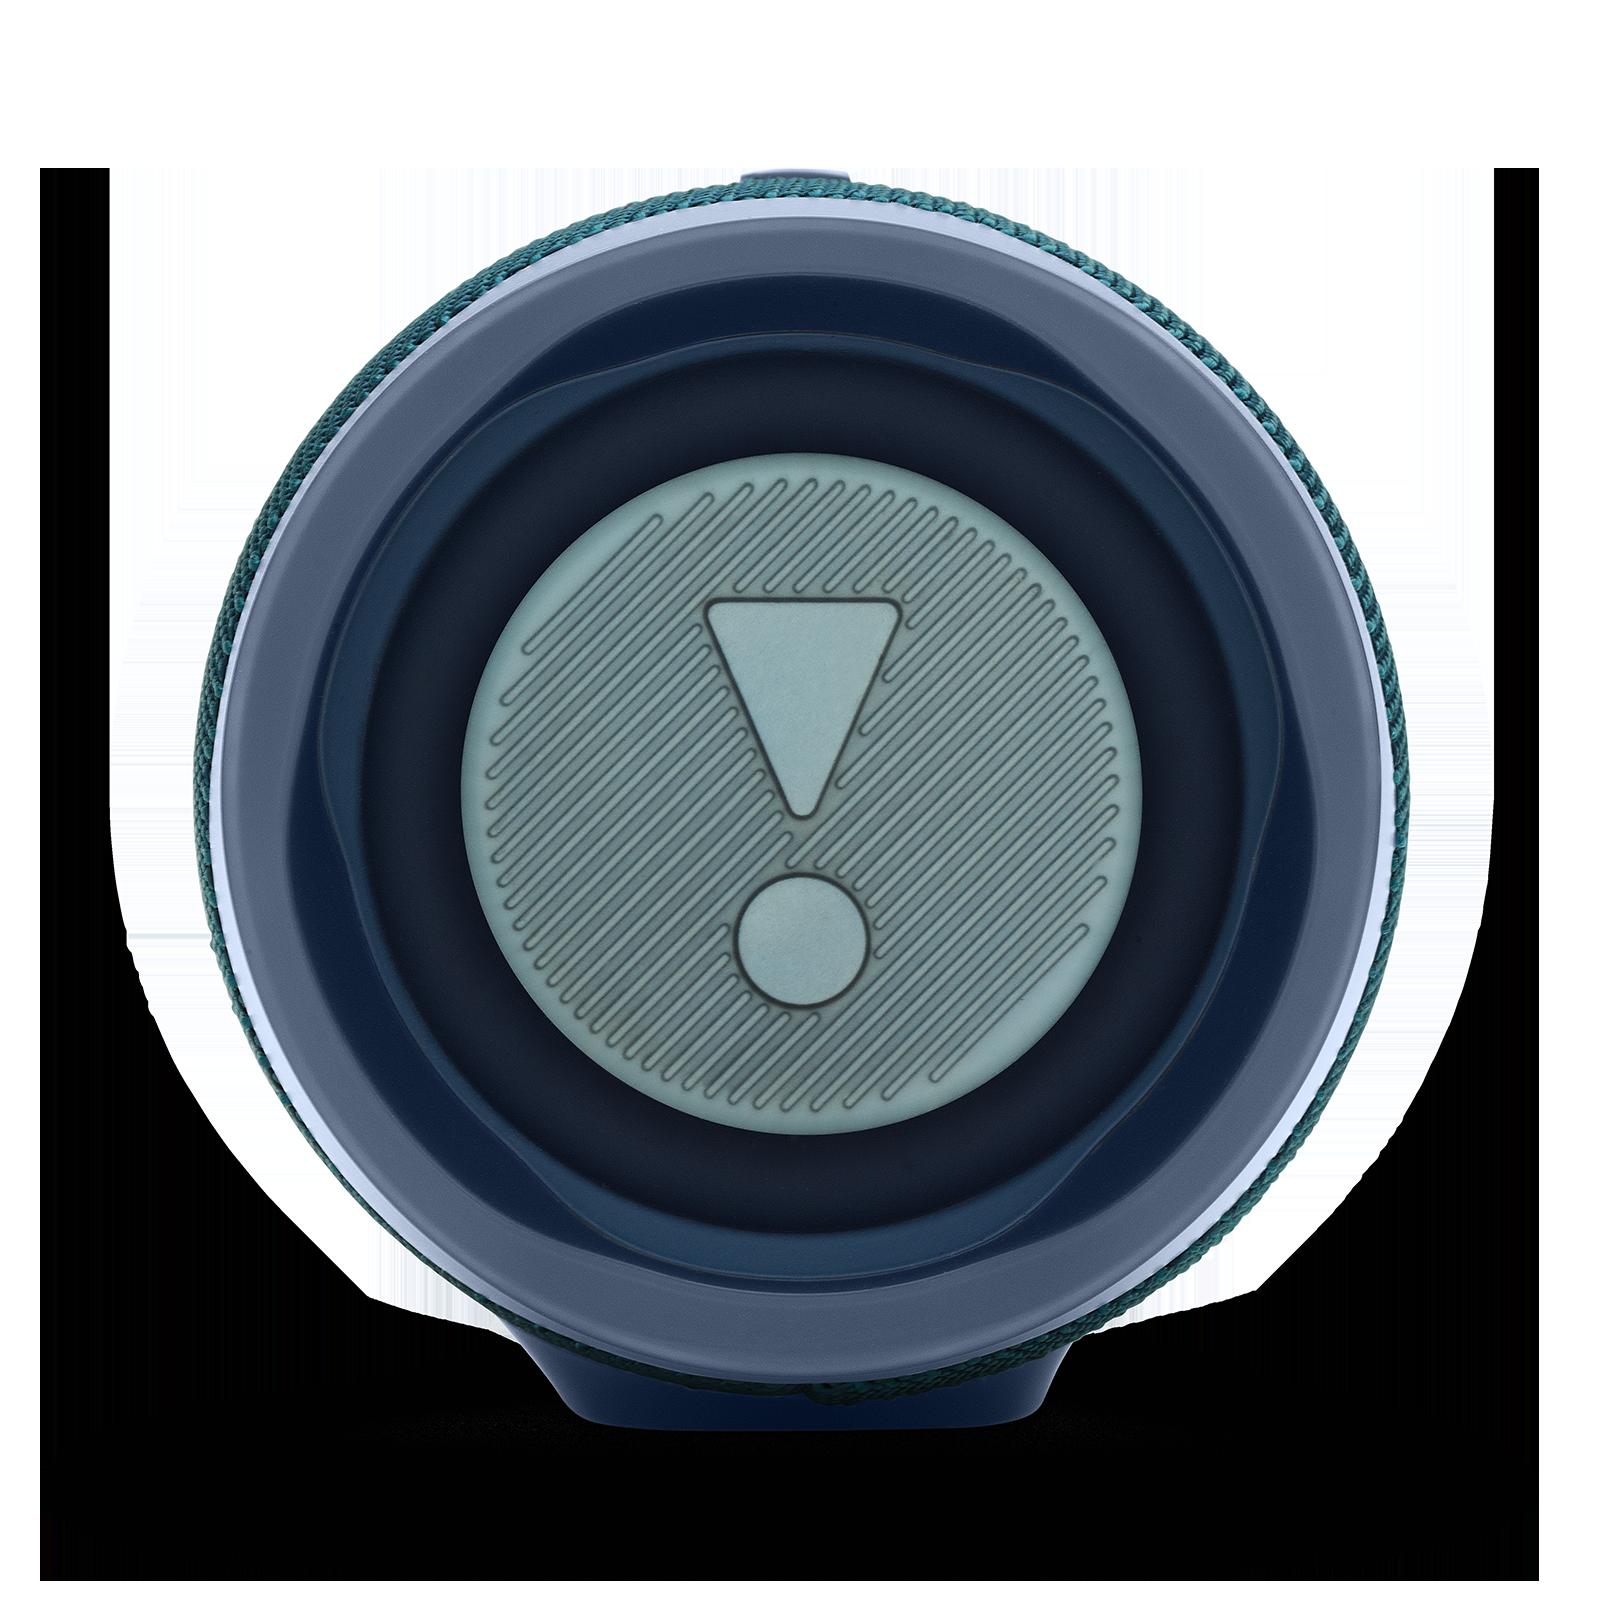 JBL Charge 4 - Blue - Portable Bluetooth speaker - Detailshot 3